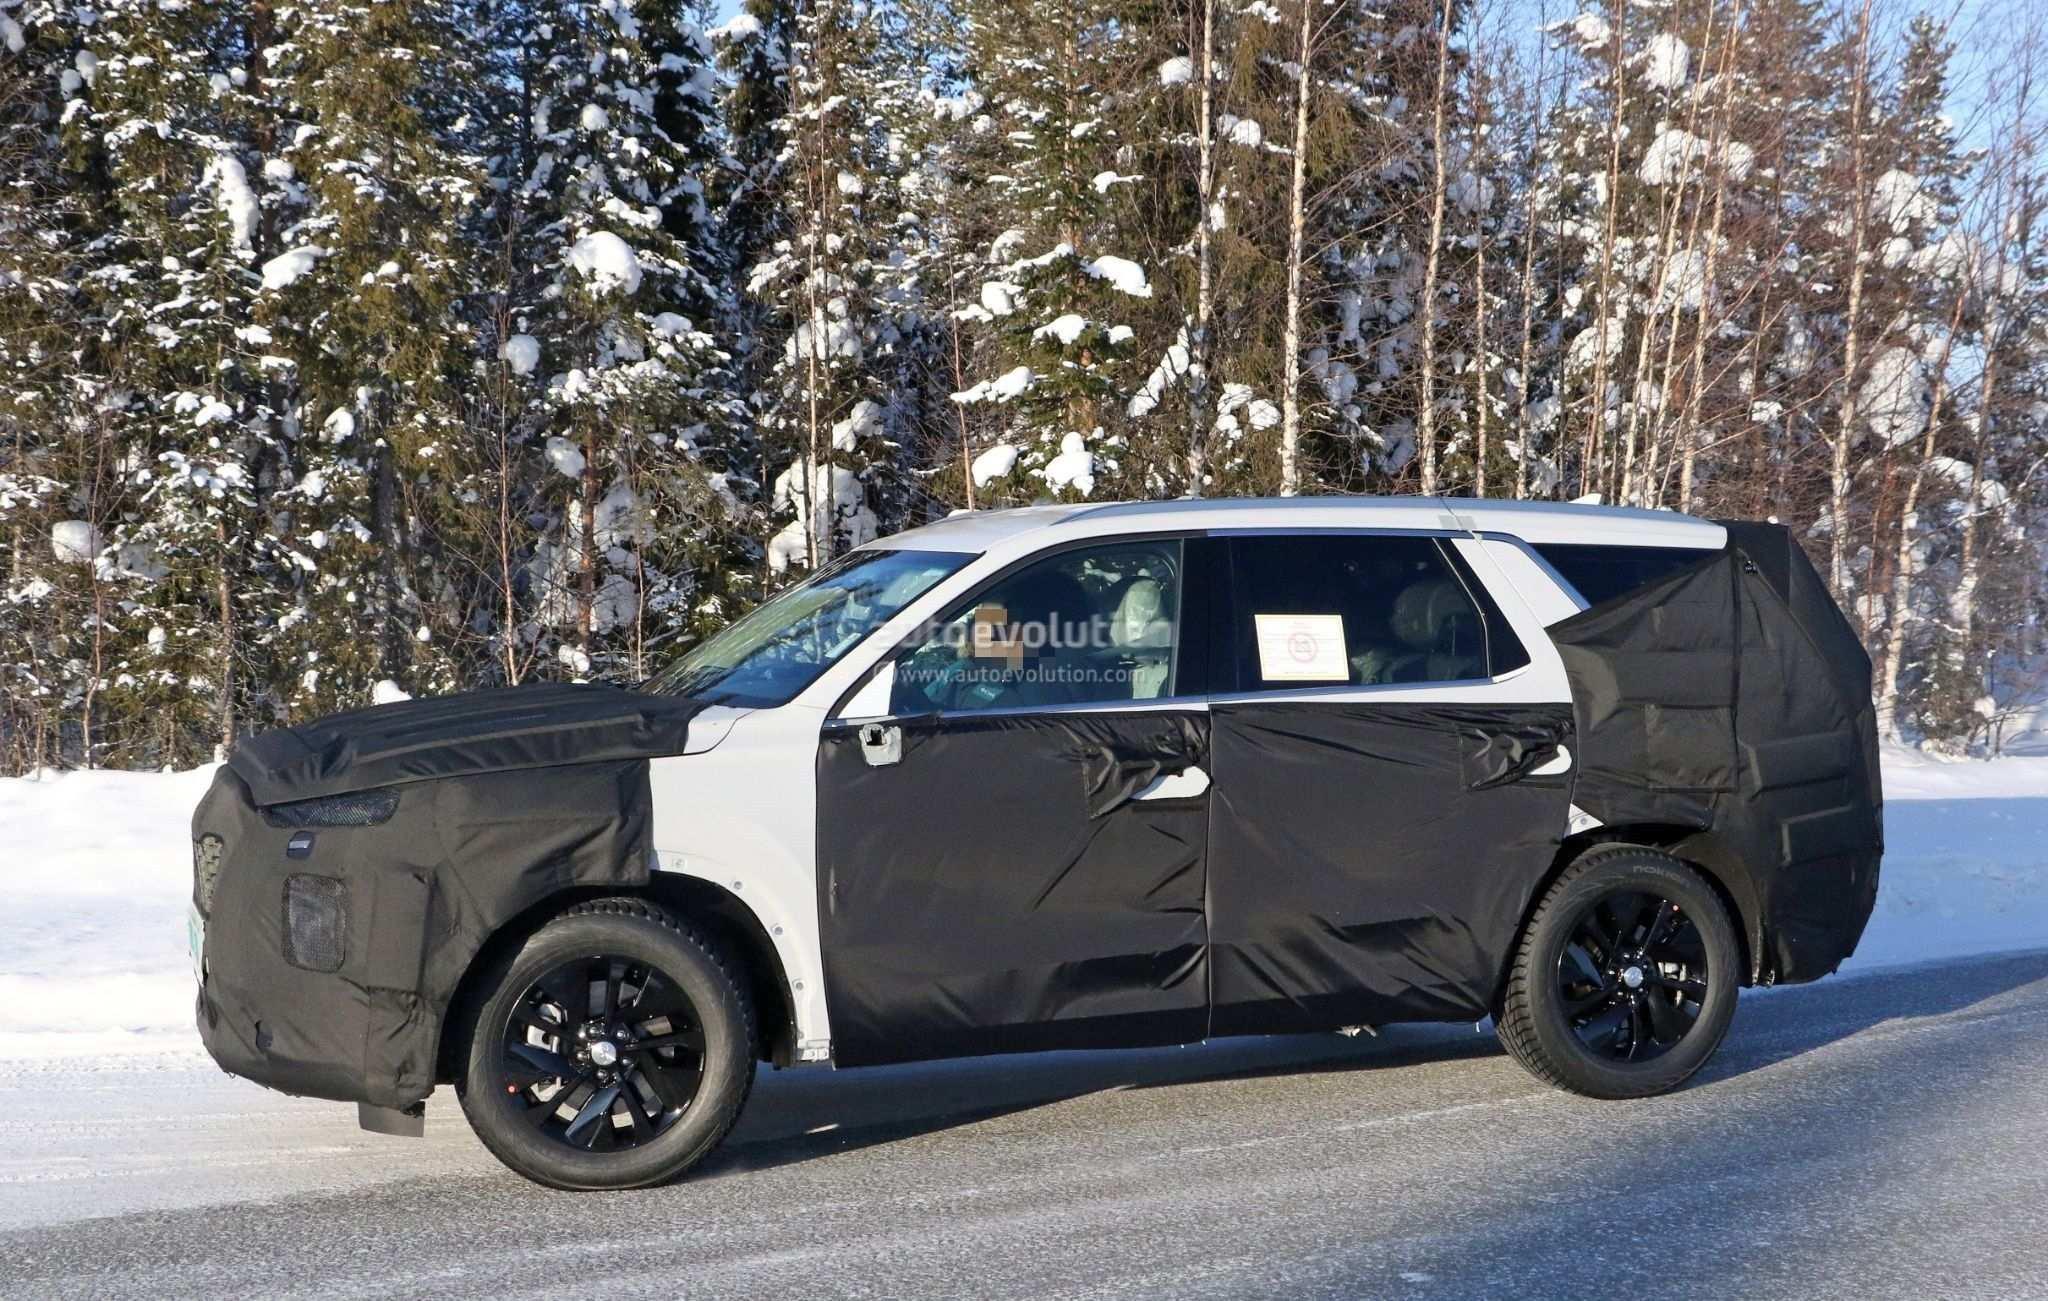 25 New 2020 Volvo V90 2020 Rumors by 2020 Volvo V90 2020